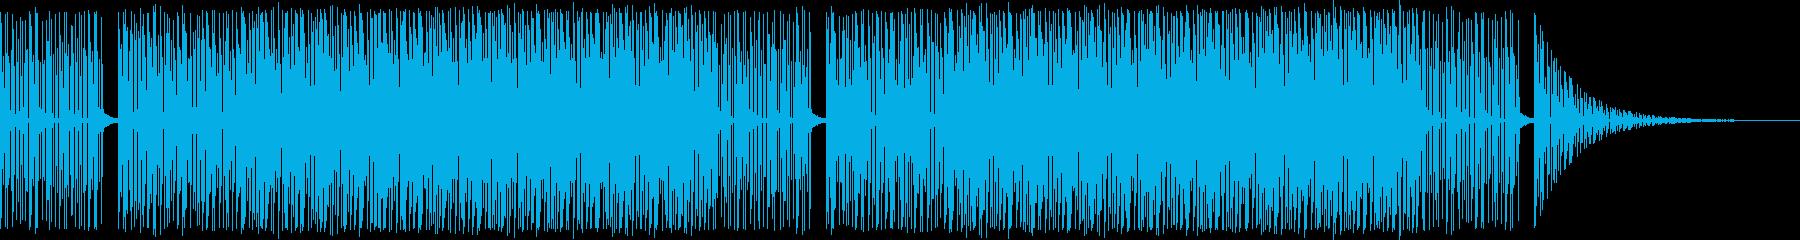 都会の夜・ネオン・星空・エレクトロニカの再生済みの波形